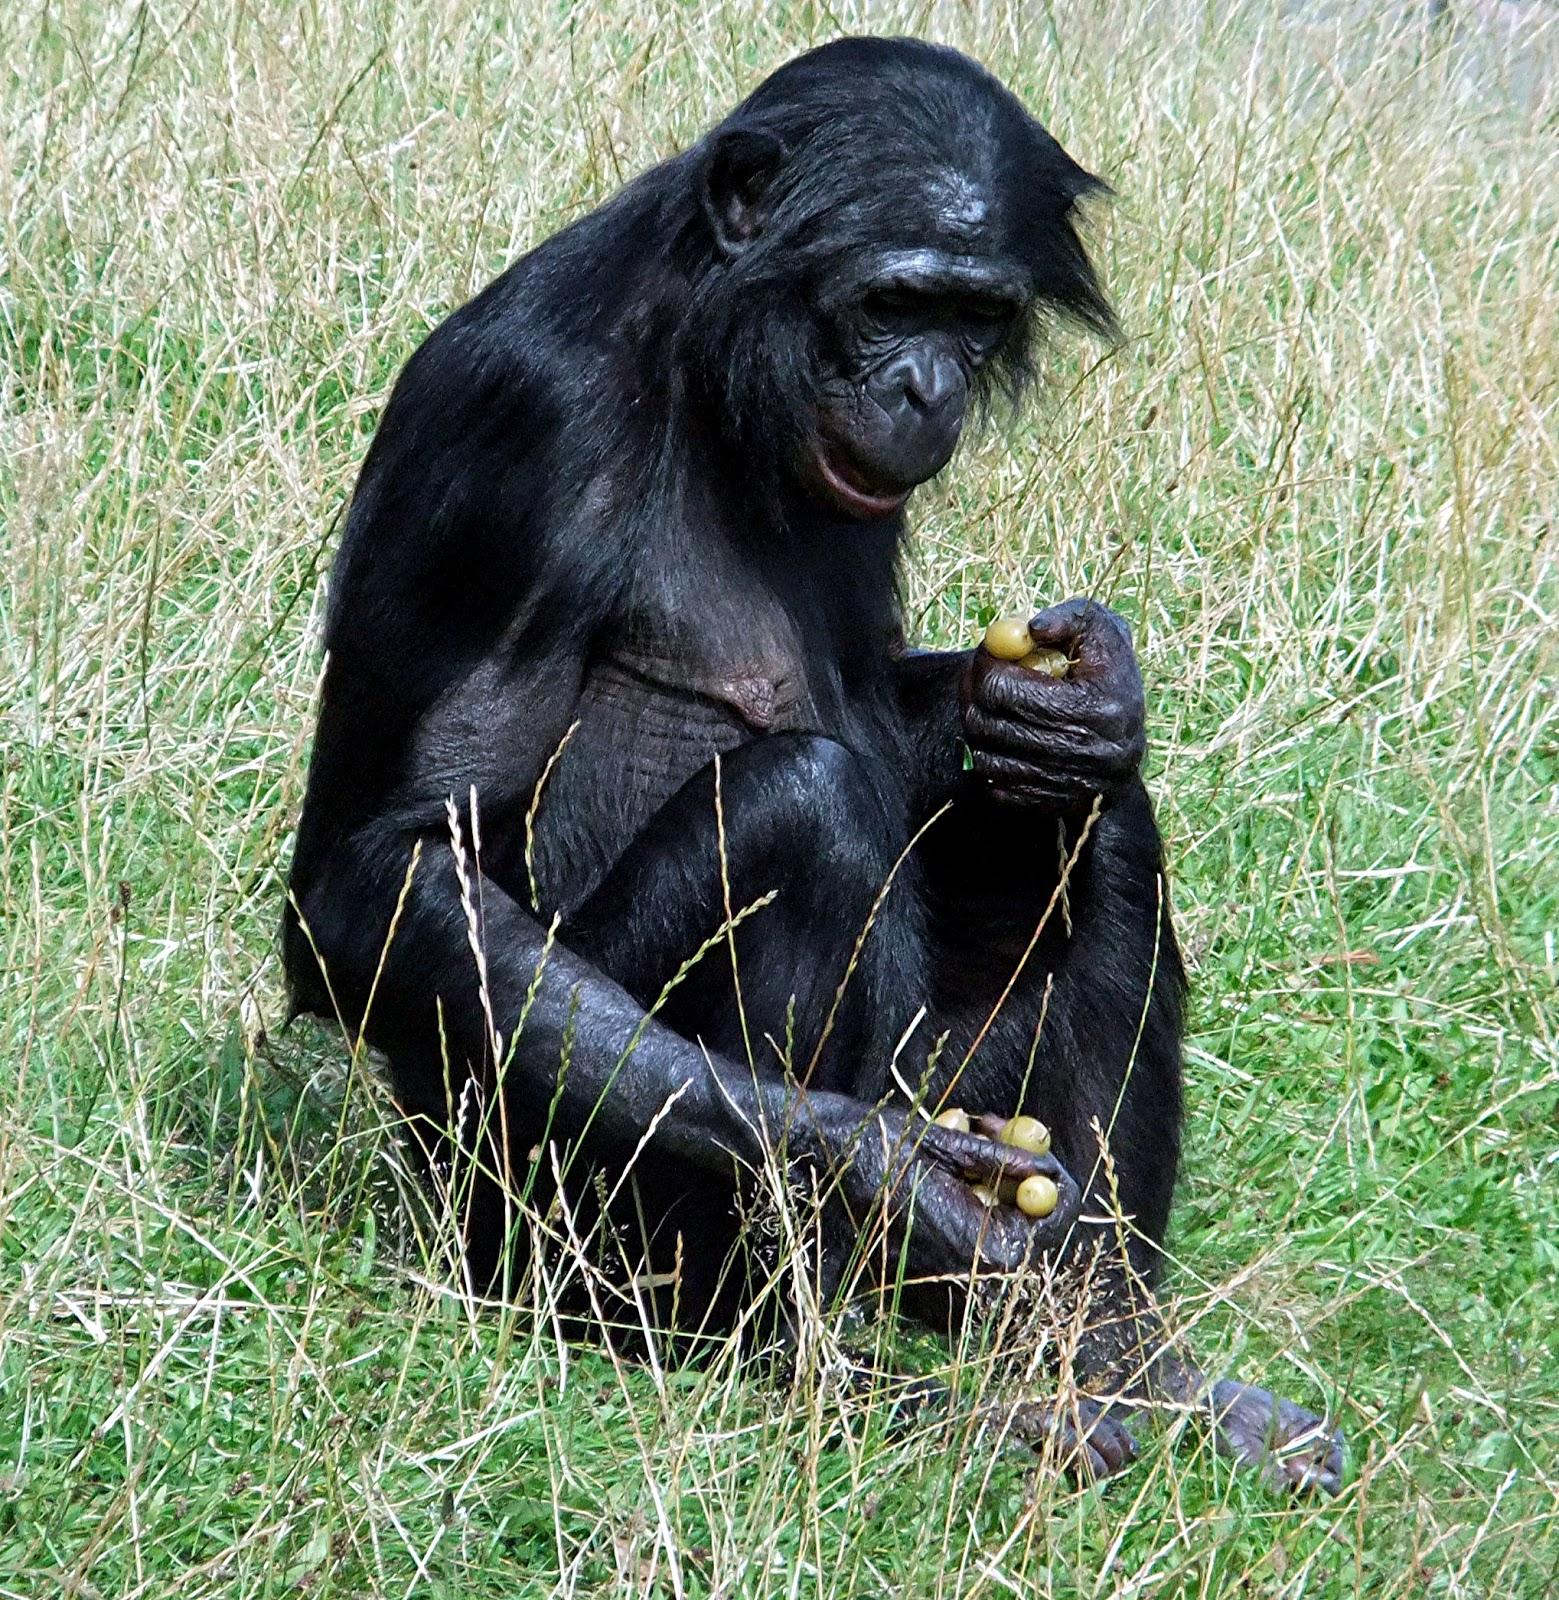 galleries related yerkes humanzee real human hybrid oliver chimpanzee ... Yerkes Humanzee